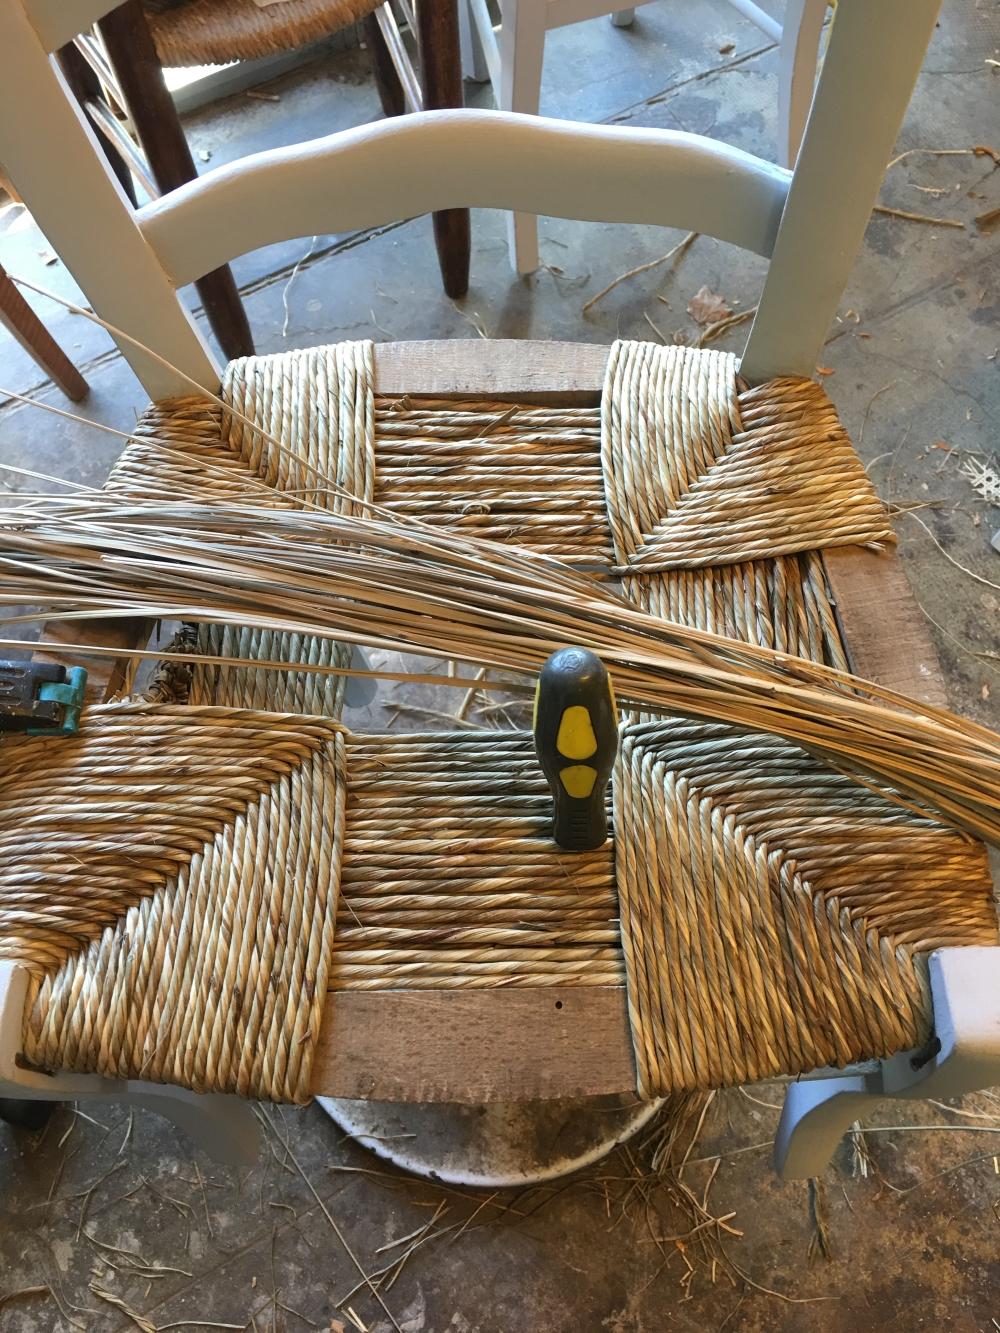 Rempaillage chaise paillage chaise nimes gard for Rempaillage d une chaise